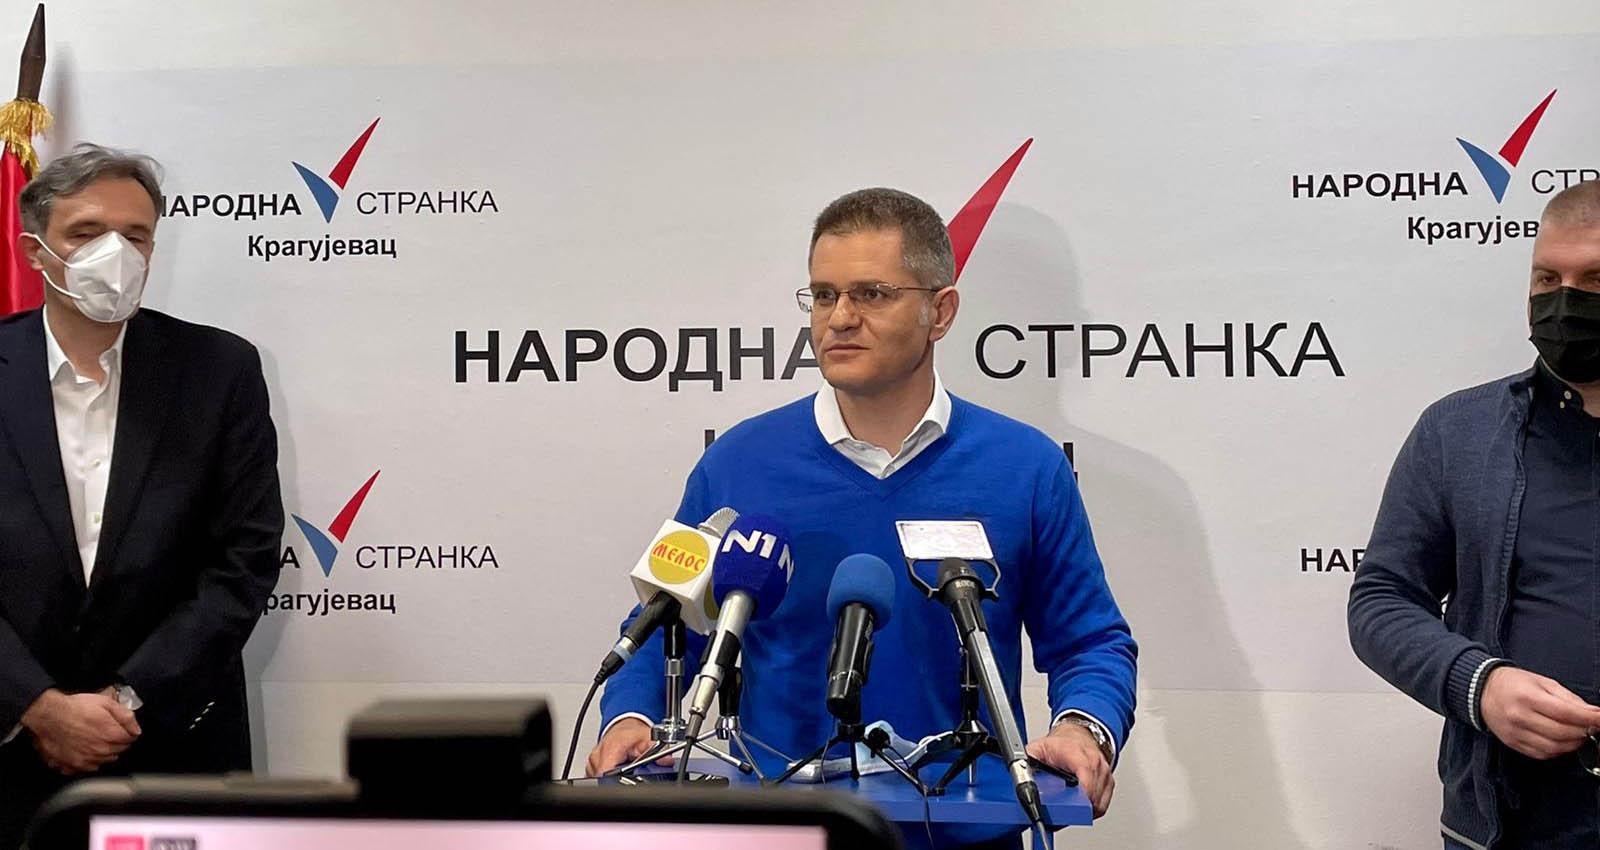 Јеремић:  Нема свађе у опозицији, Народна странка не мења став како ветар дува